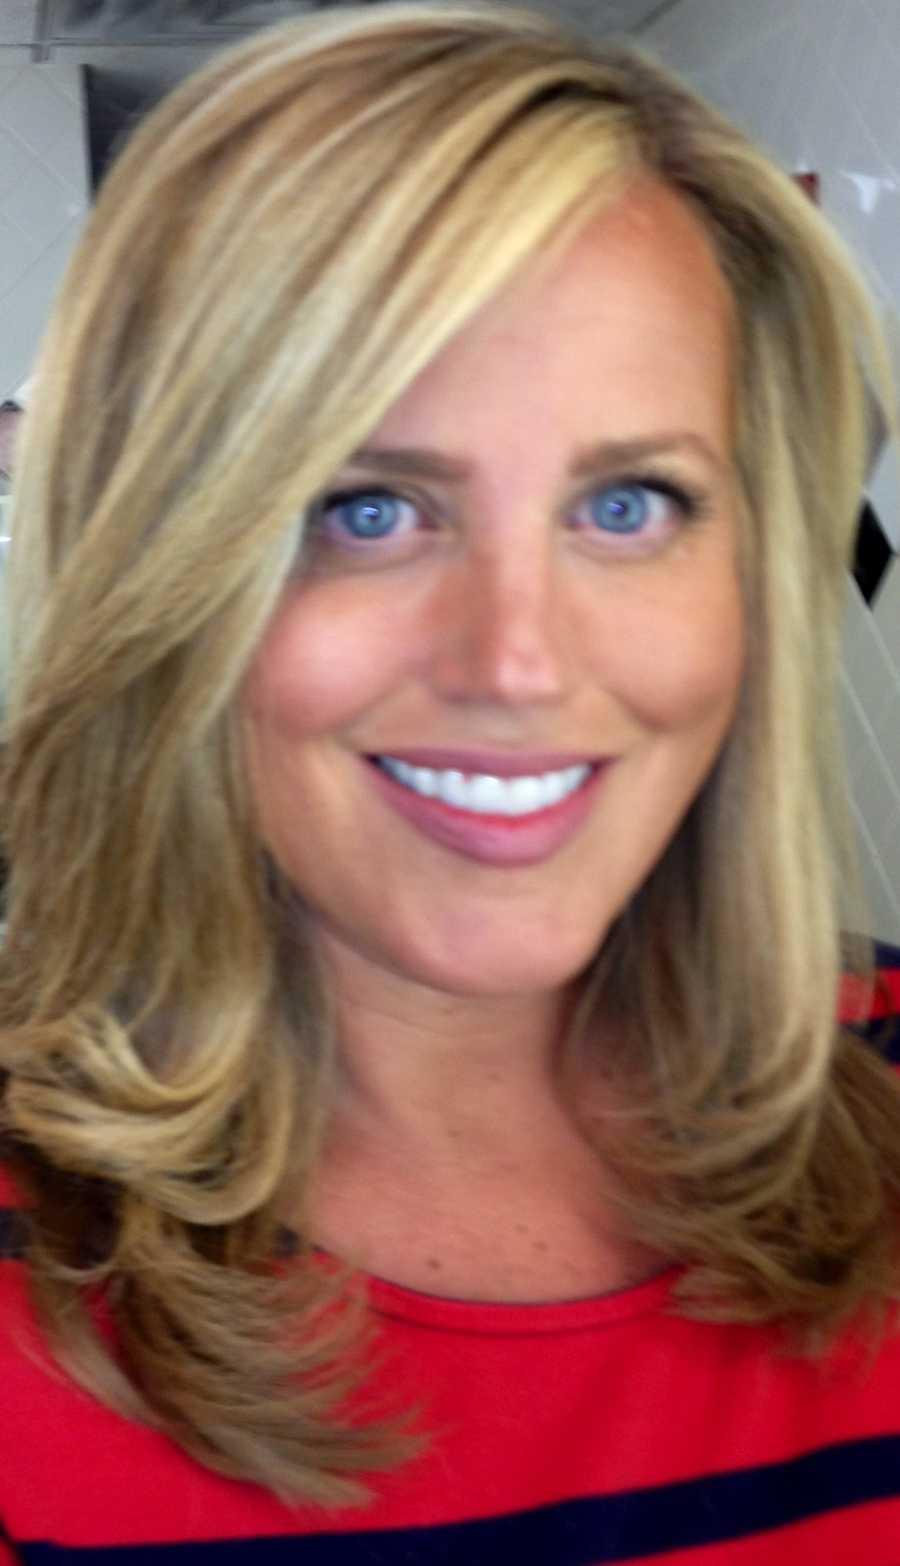 Meteorologist Susanne Horgan's hair is just perfect in her selfie